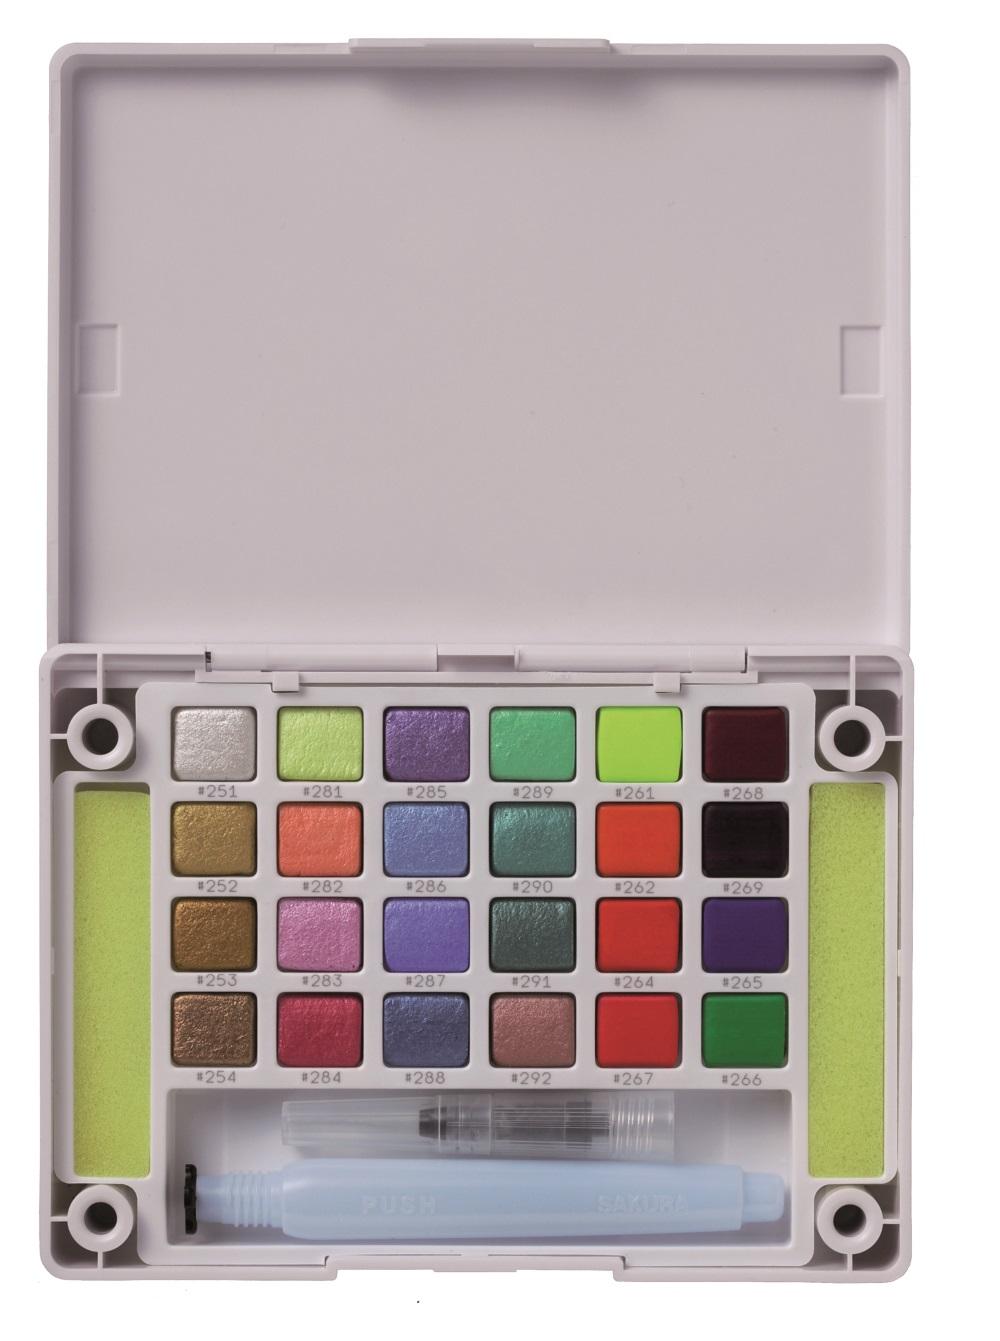 Купить Набор акварельных красок Sakura Koi Creative Art Colours 24 цвета в пластиковой коробке, Япония